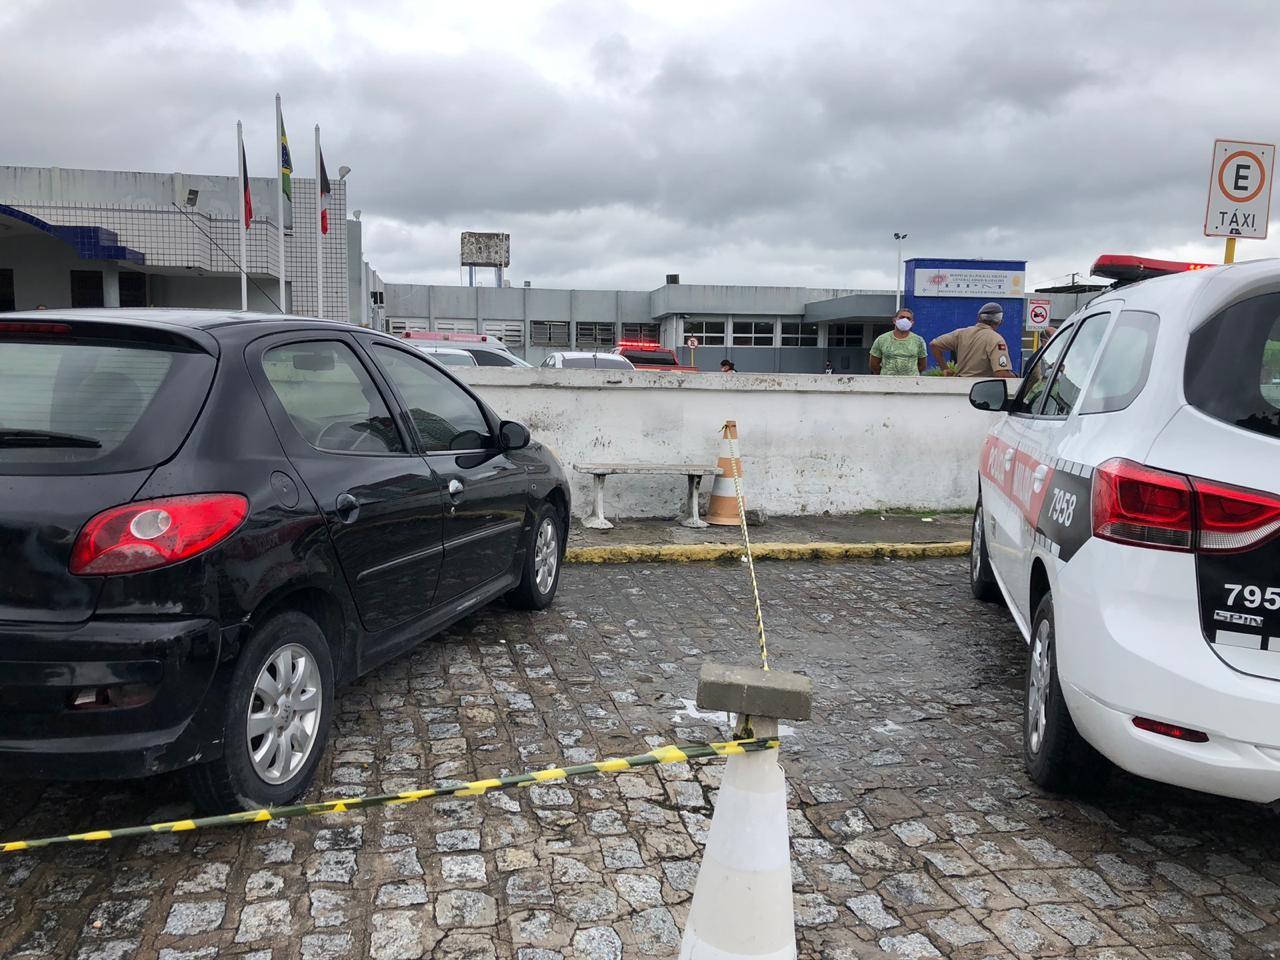 Homem é achado morto dentro de carro estacionado em hospital de João Pessoa, diz polícia